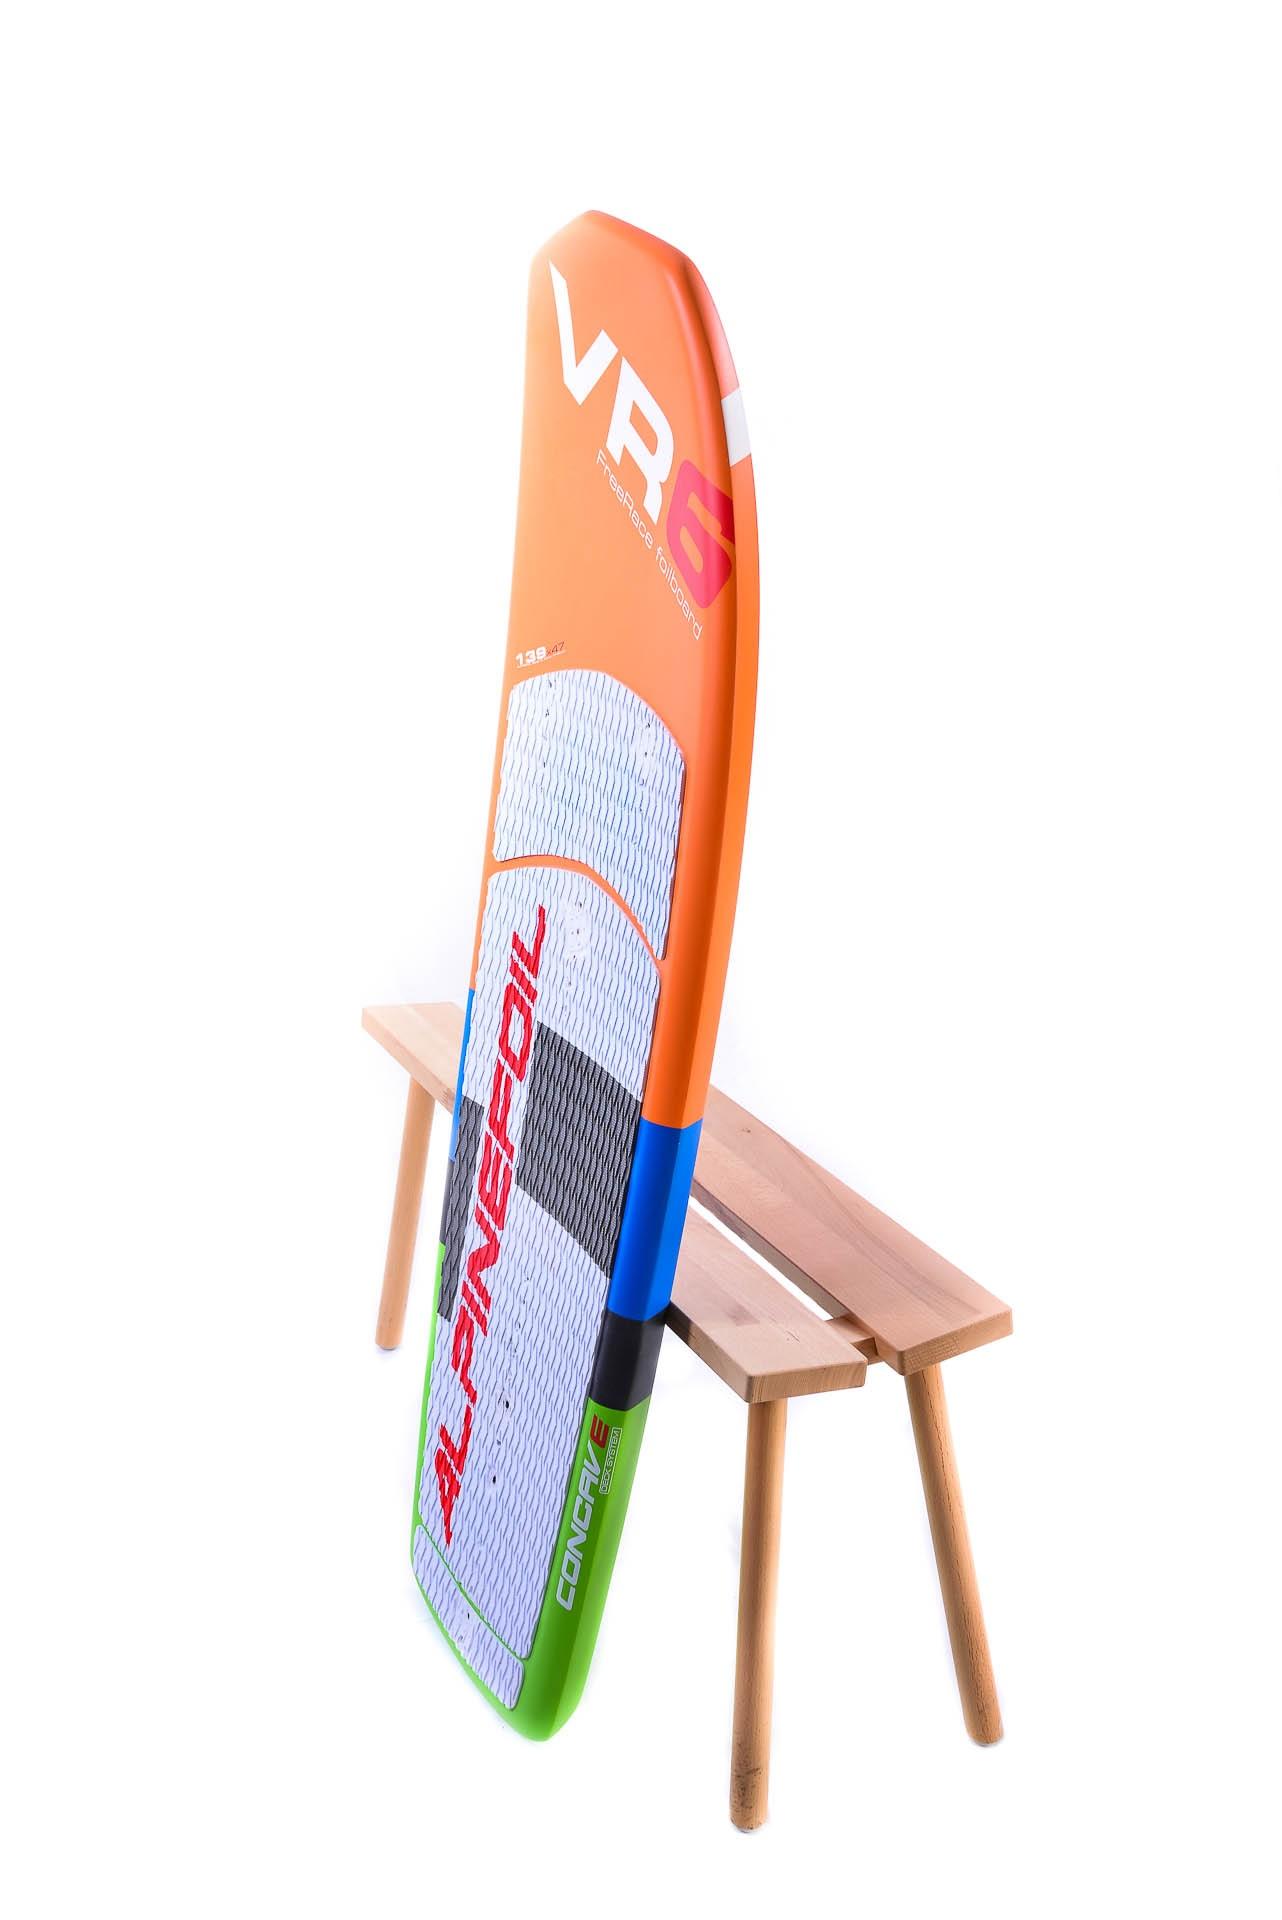 Kitefoil board alpinefoil 9179